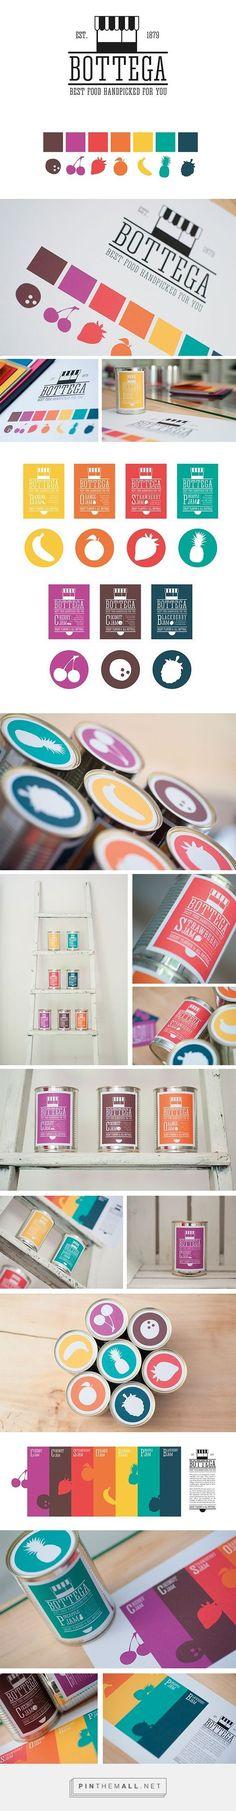 Bottega Branding on Behance   Fivestar Branding – Design and Branding Agency & Inspiration Gallery